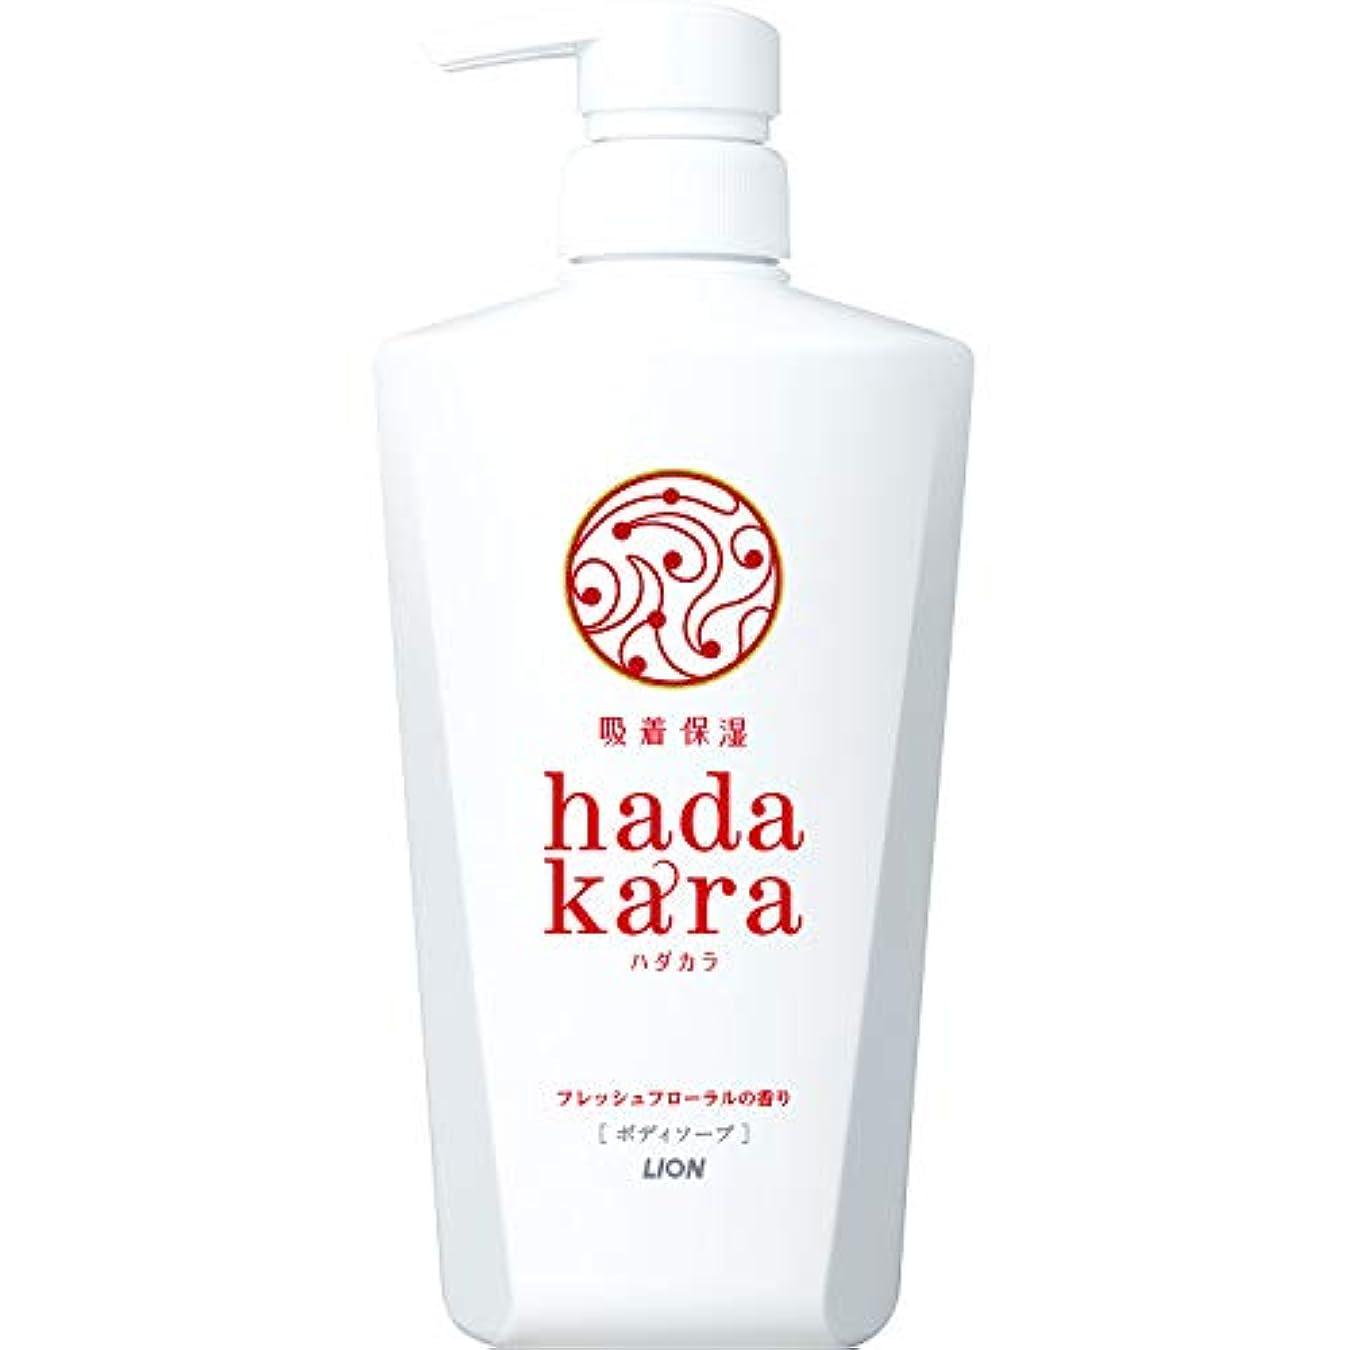 仕事言い訳上院hadakara(ハダカラ) ボディソープ フローラルブーケの香り 本体 500ml